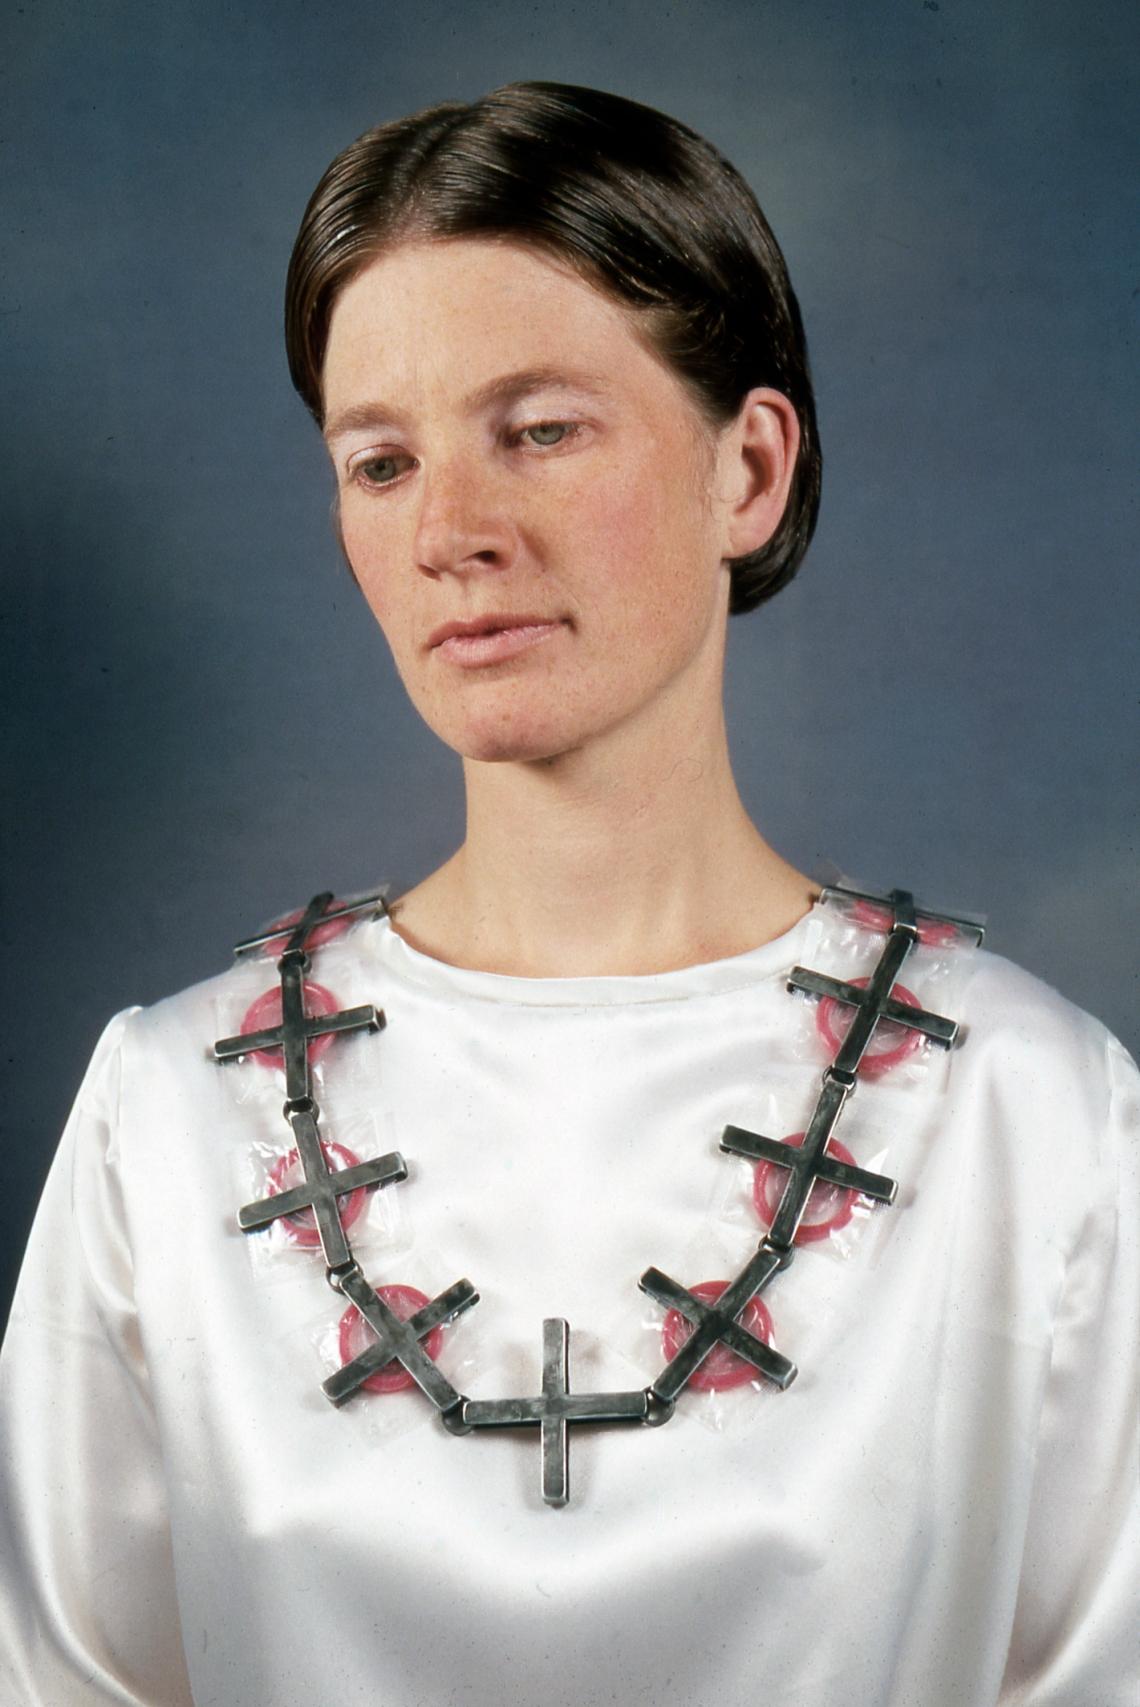 Susanne Klemm, Carpe Diem, halssieraad, 1996. Foto met dank aan Susanne Klemm©